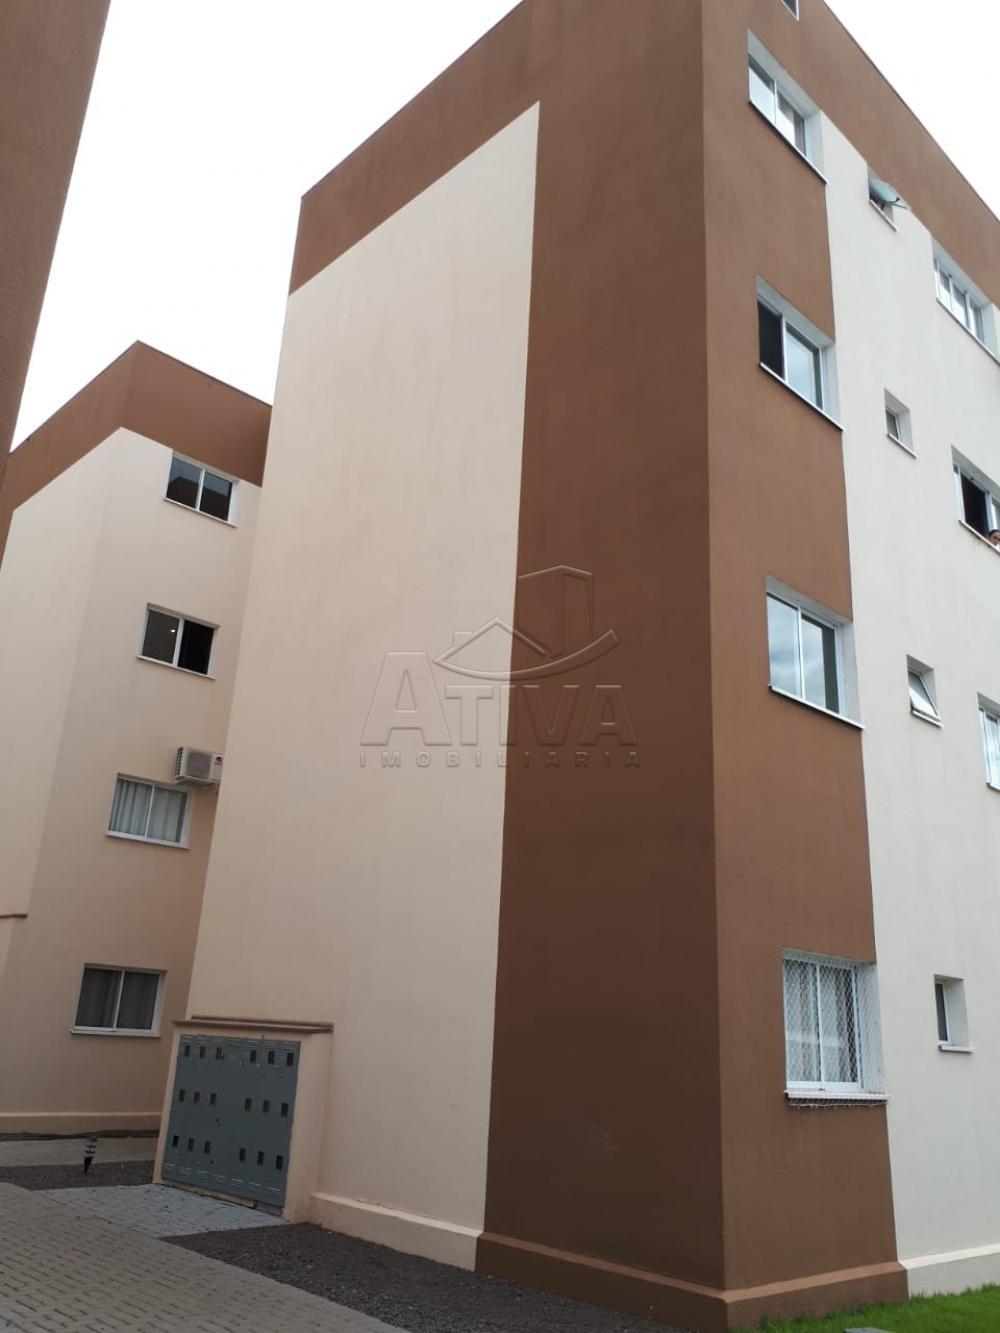 Comprar Apartamento / Padrão em Toledo apenas R$ 120.000,00 - Foto 3